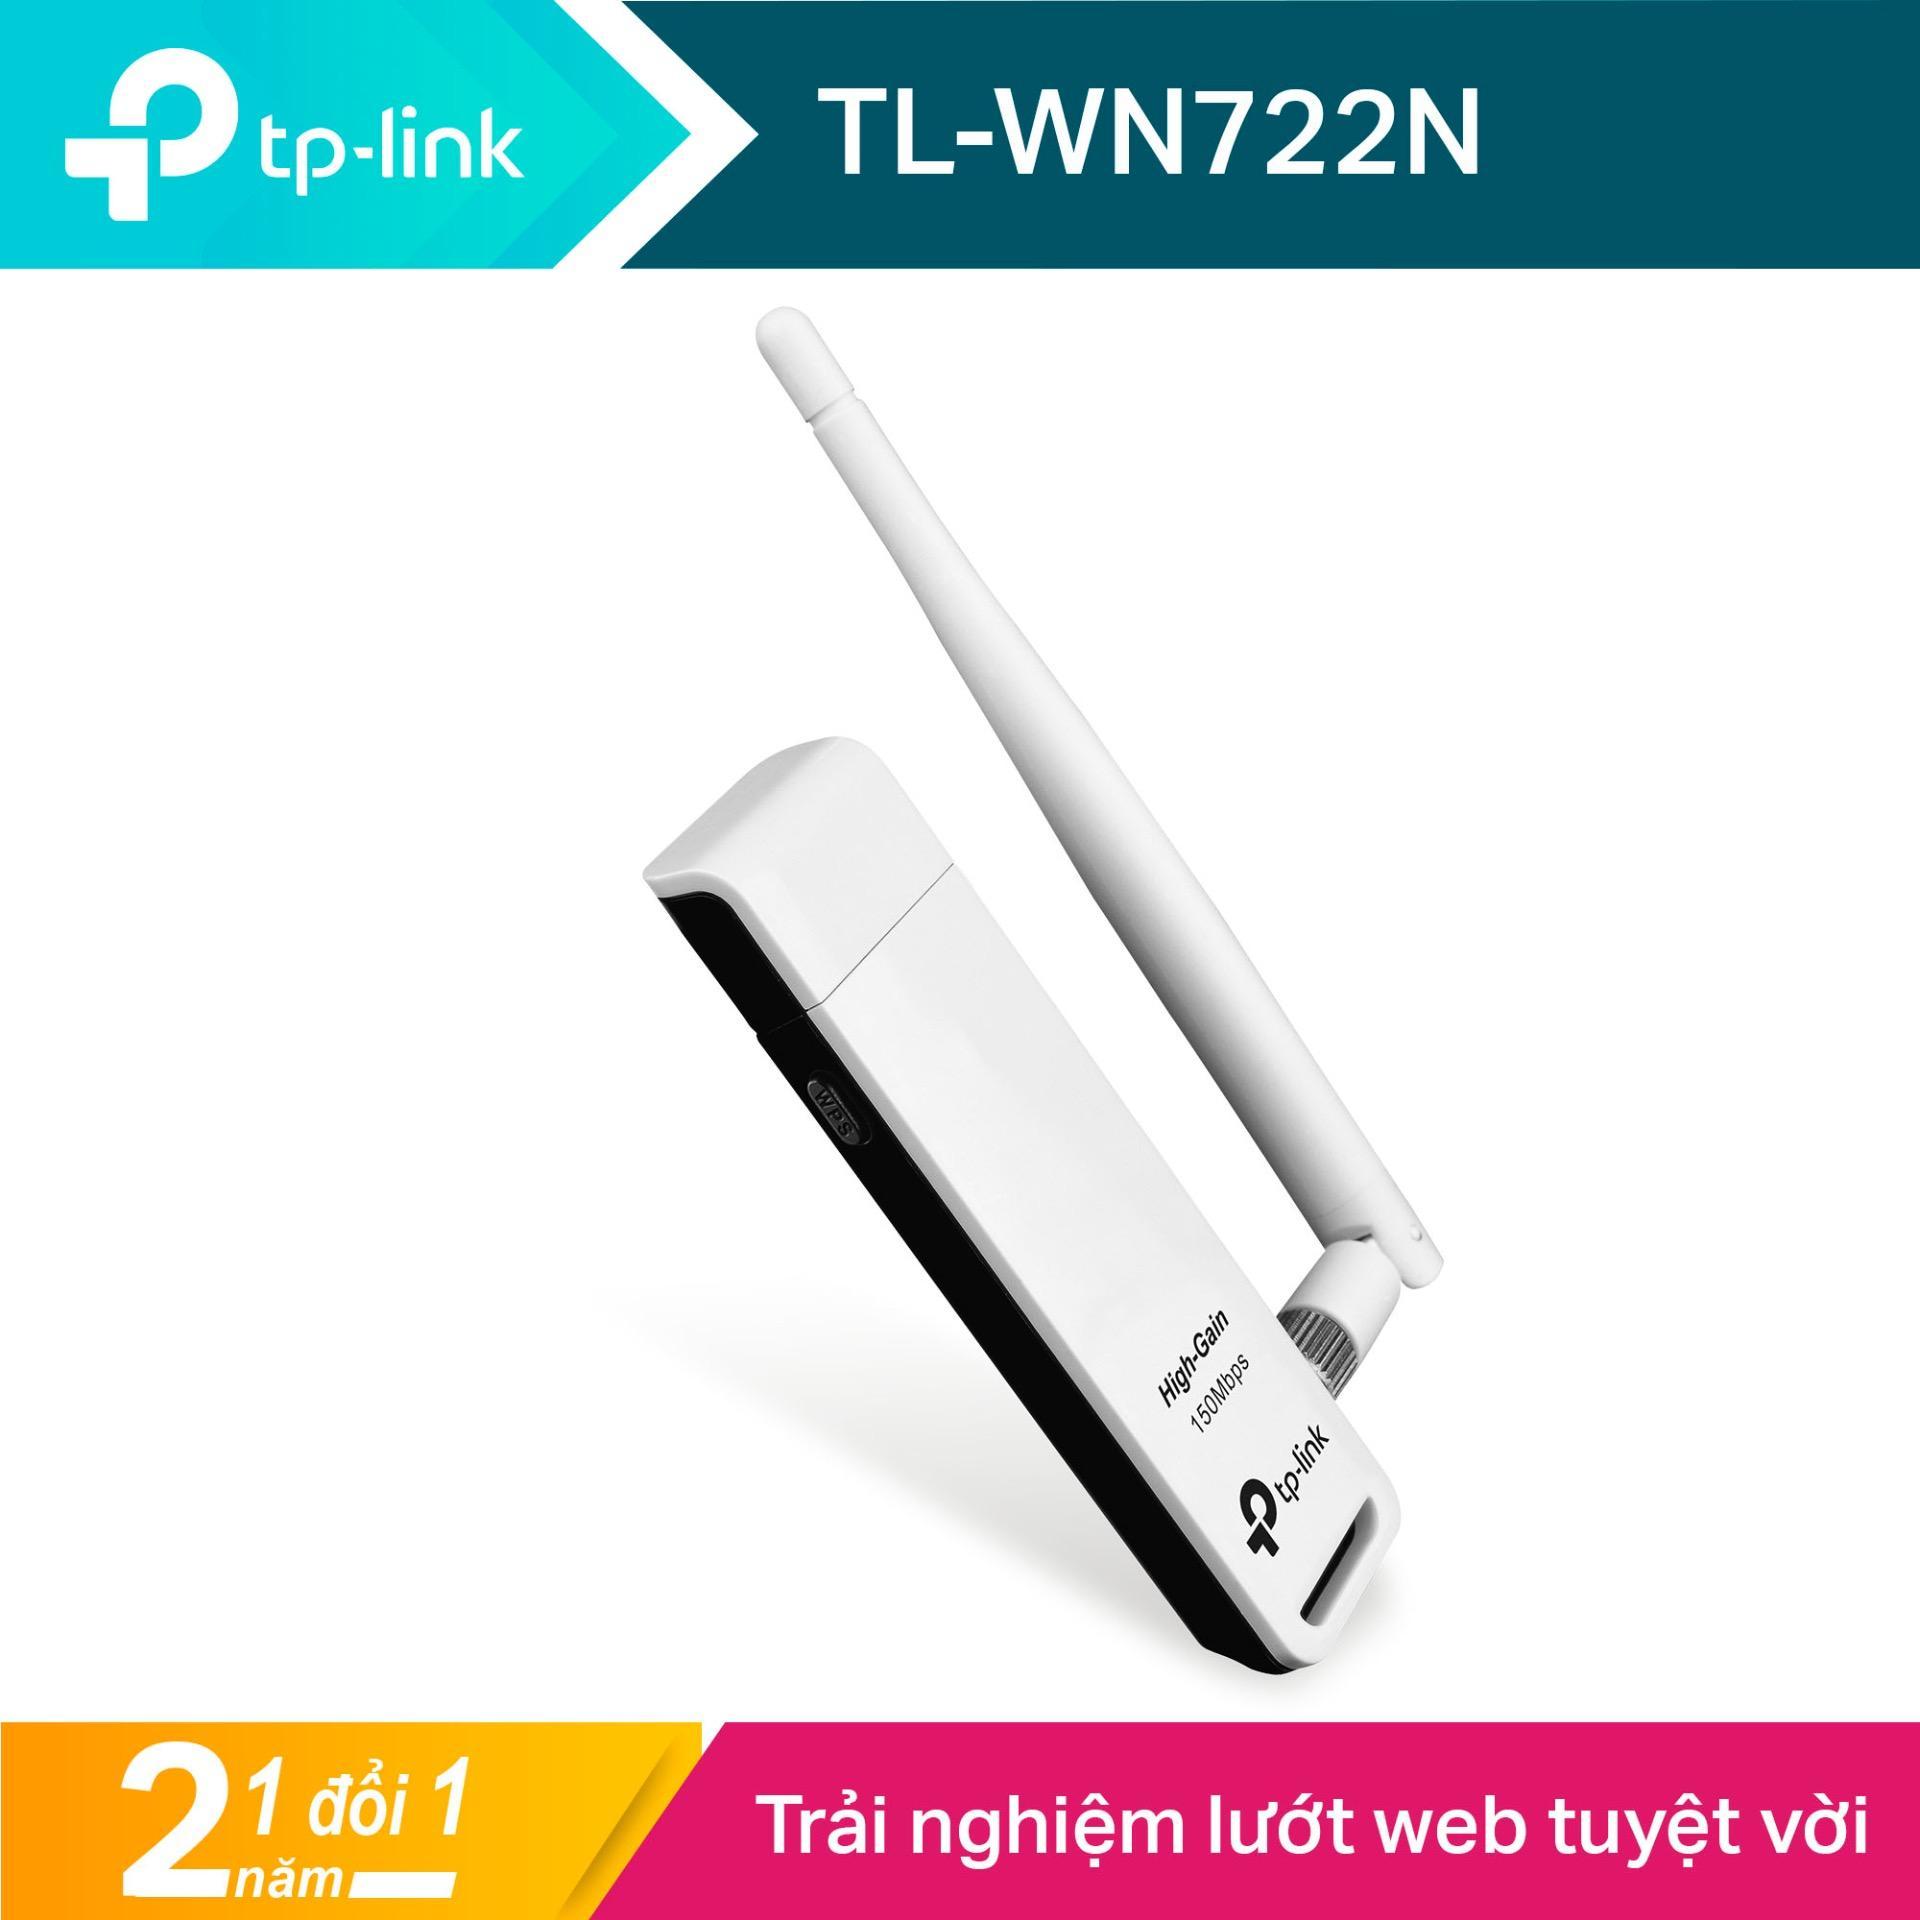 TP-Link USB wifi (USB thu wifi) Chuẩn N 150Mbps TL-WN722N - Hãng phân phối chính thức